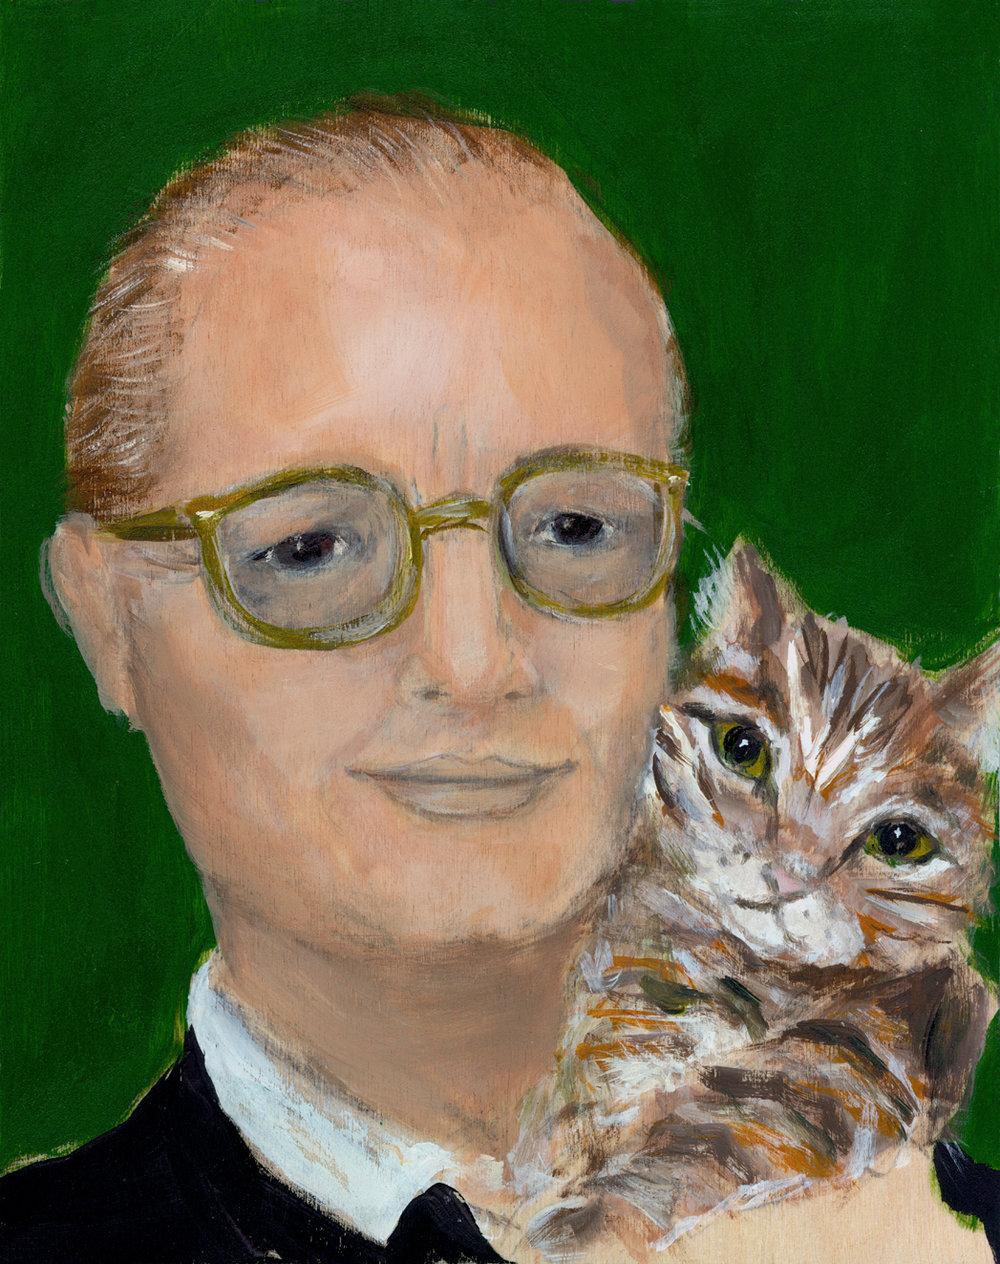 Allyn_Howard_Truman-Capote.jpg